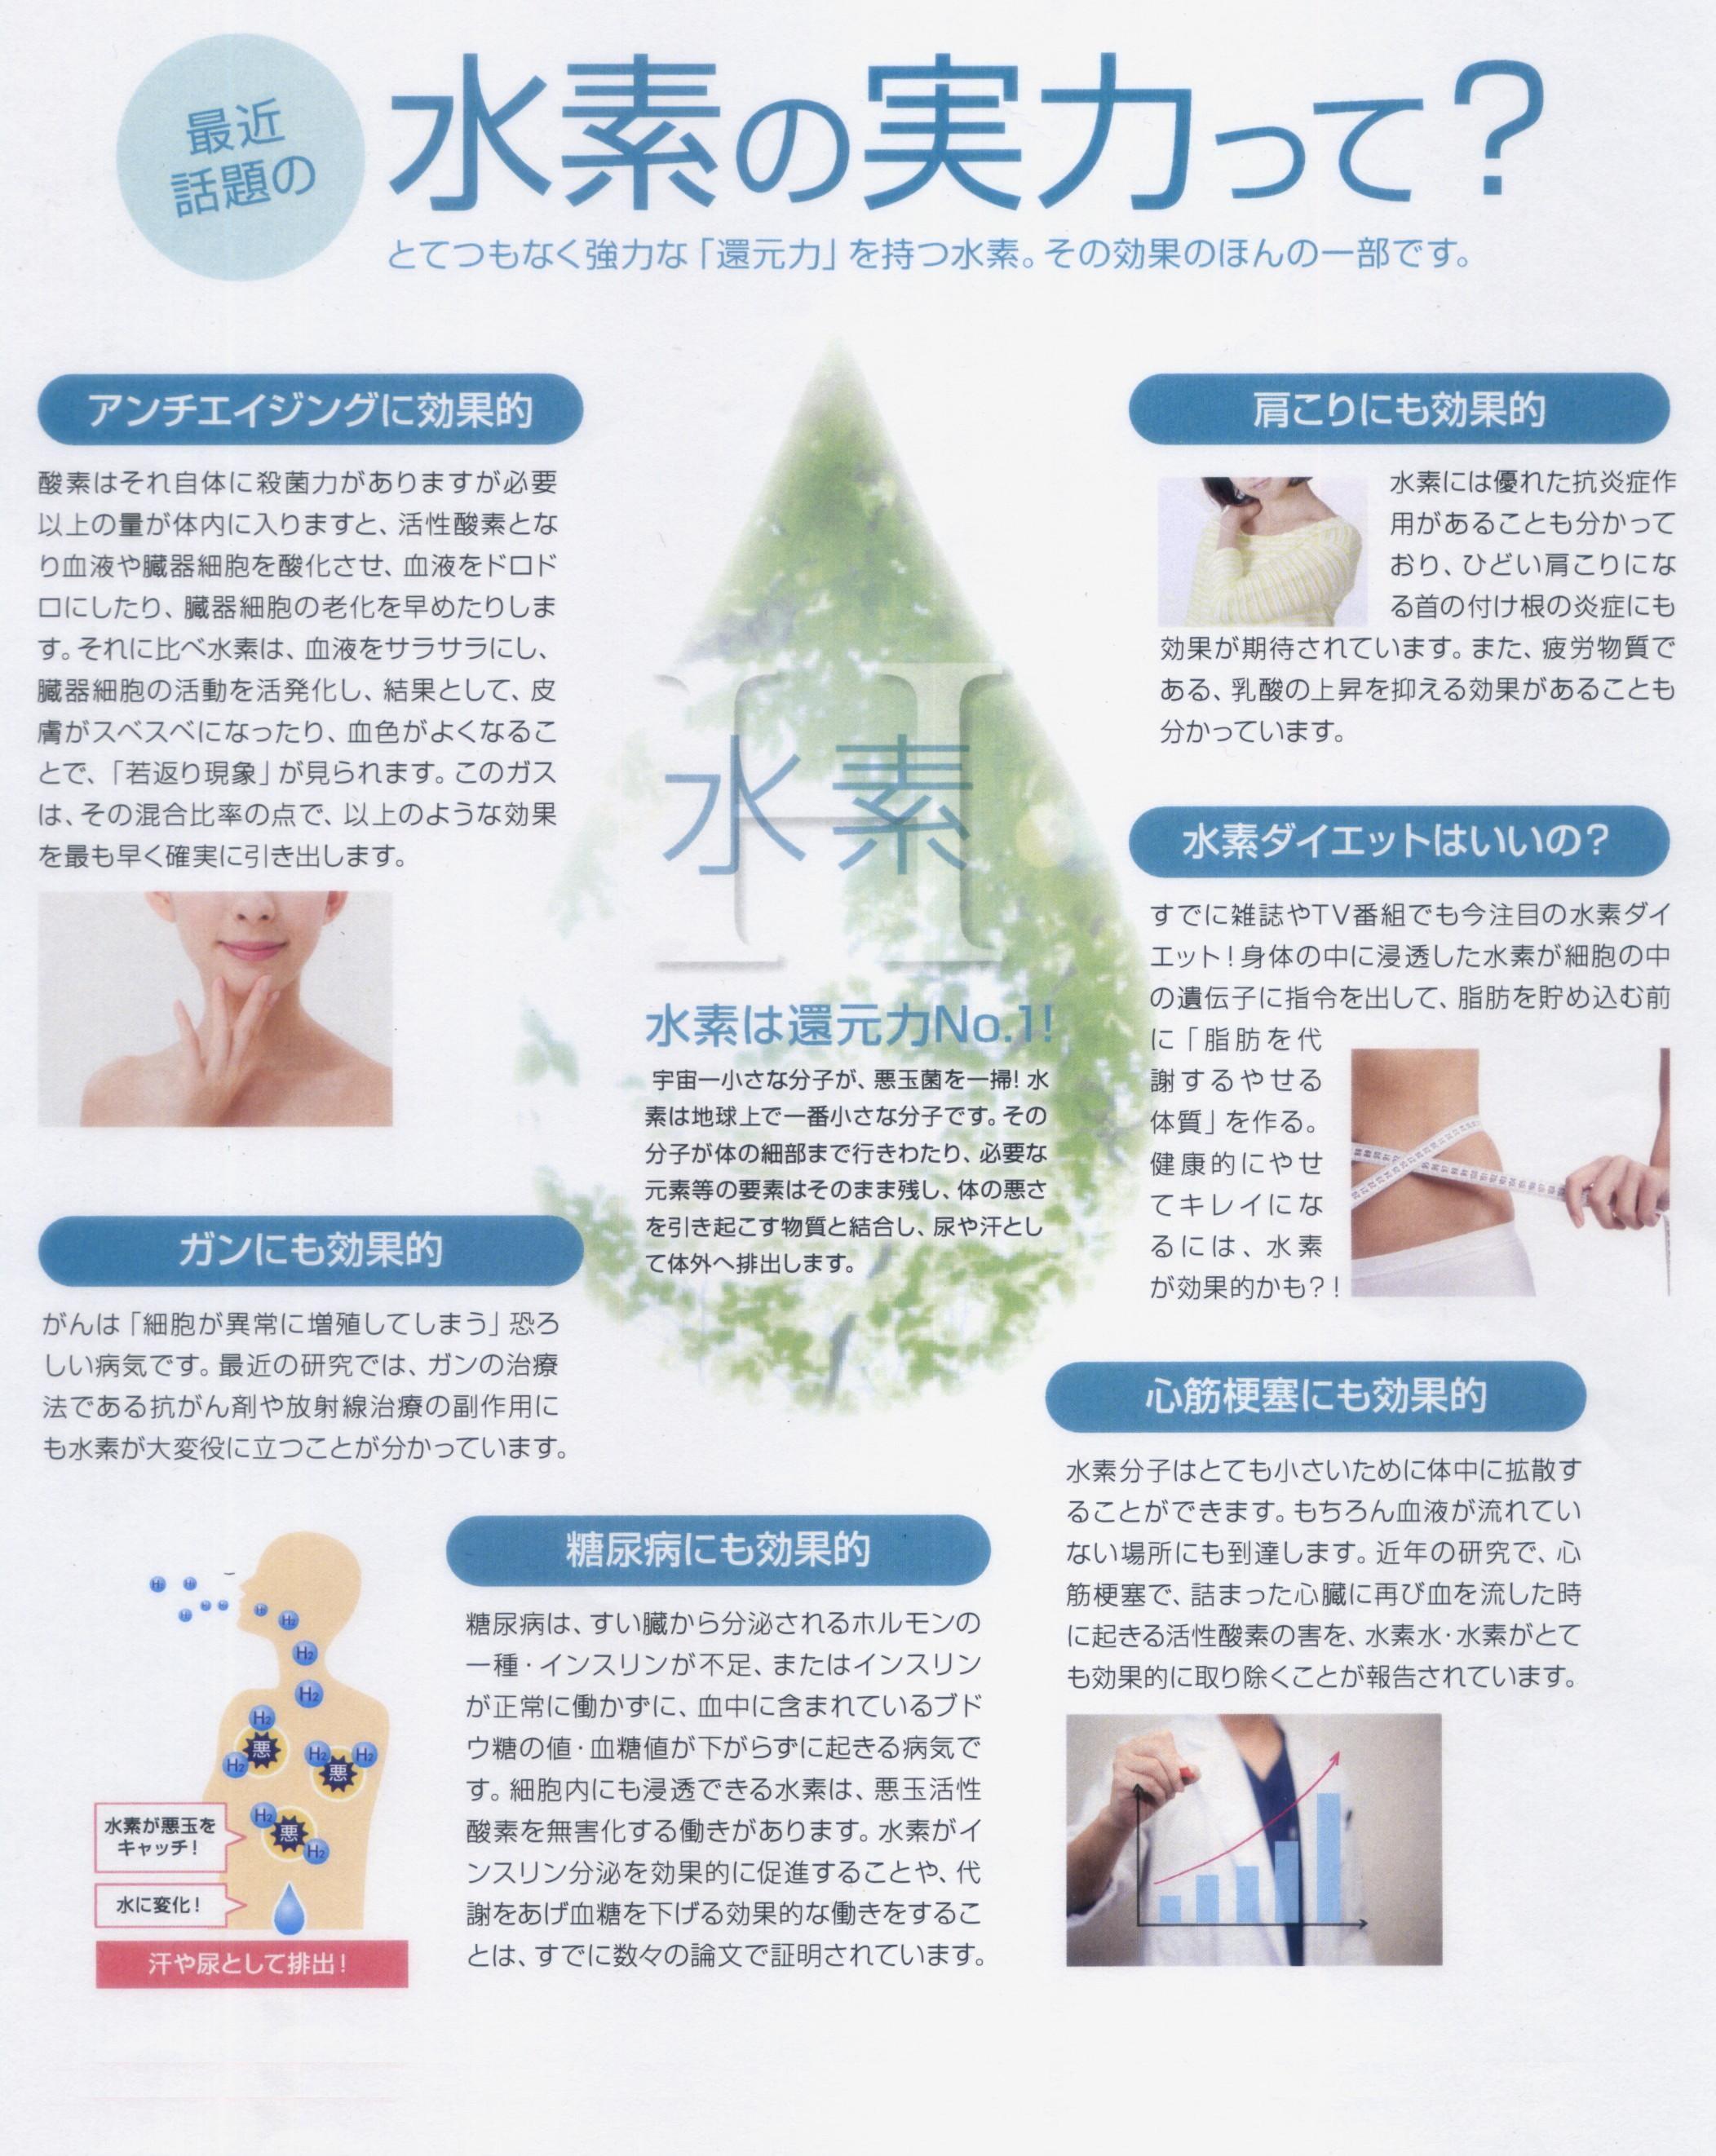 水素 ガス 効果 水素ガスの免疫学的効果 - yorozu-cl.com